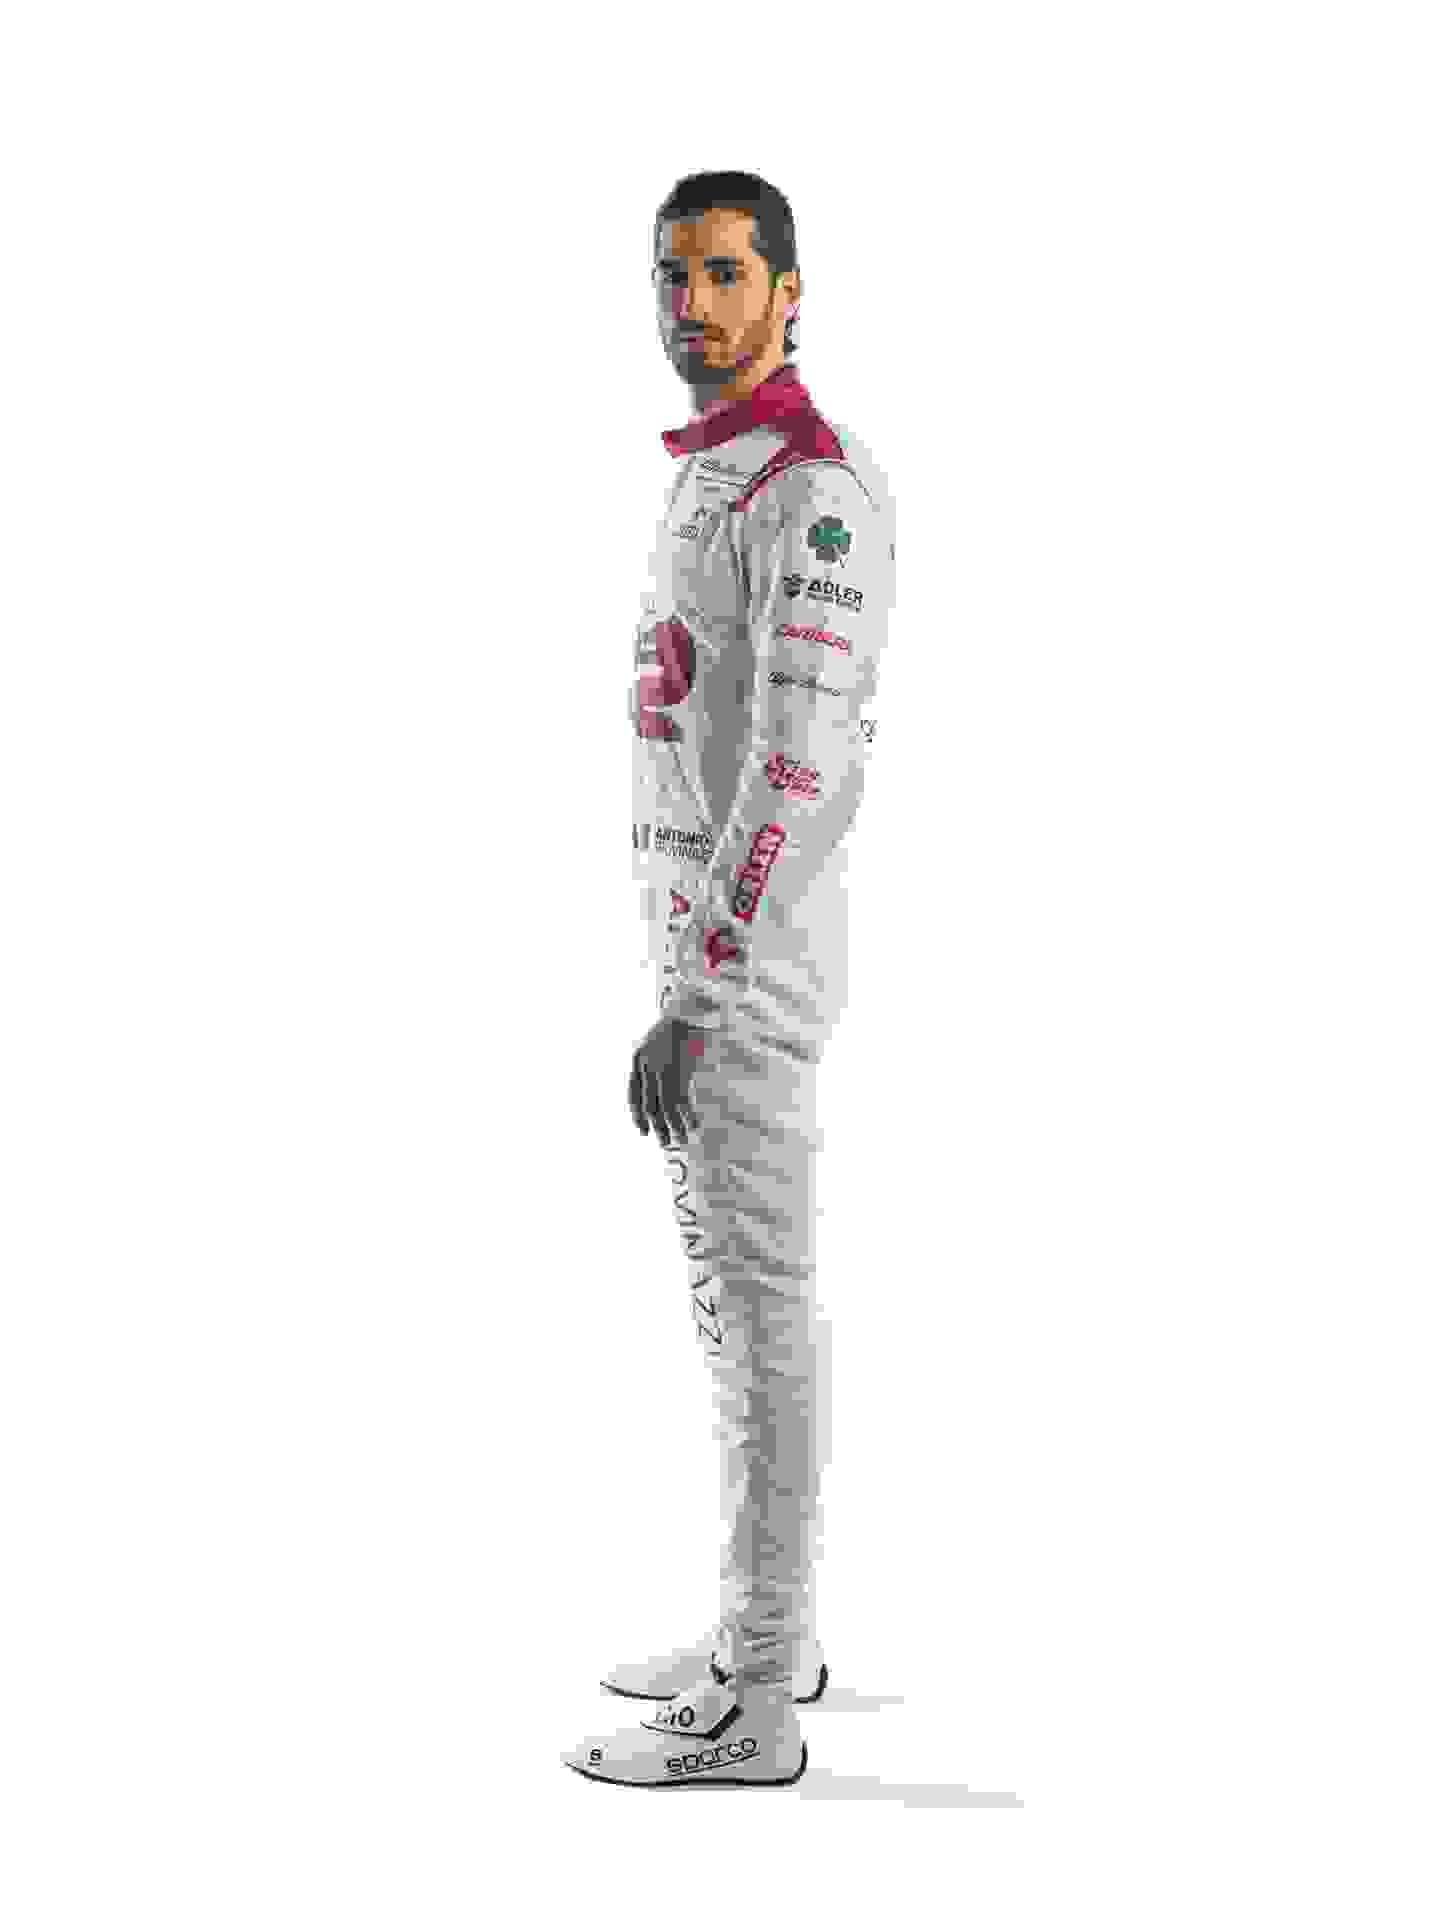 Antonio-Giovinazzi-Race-Suit-4